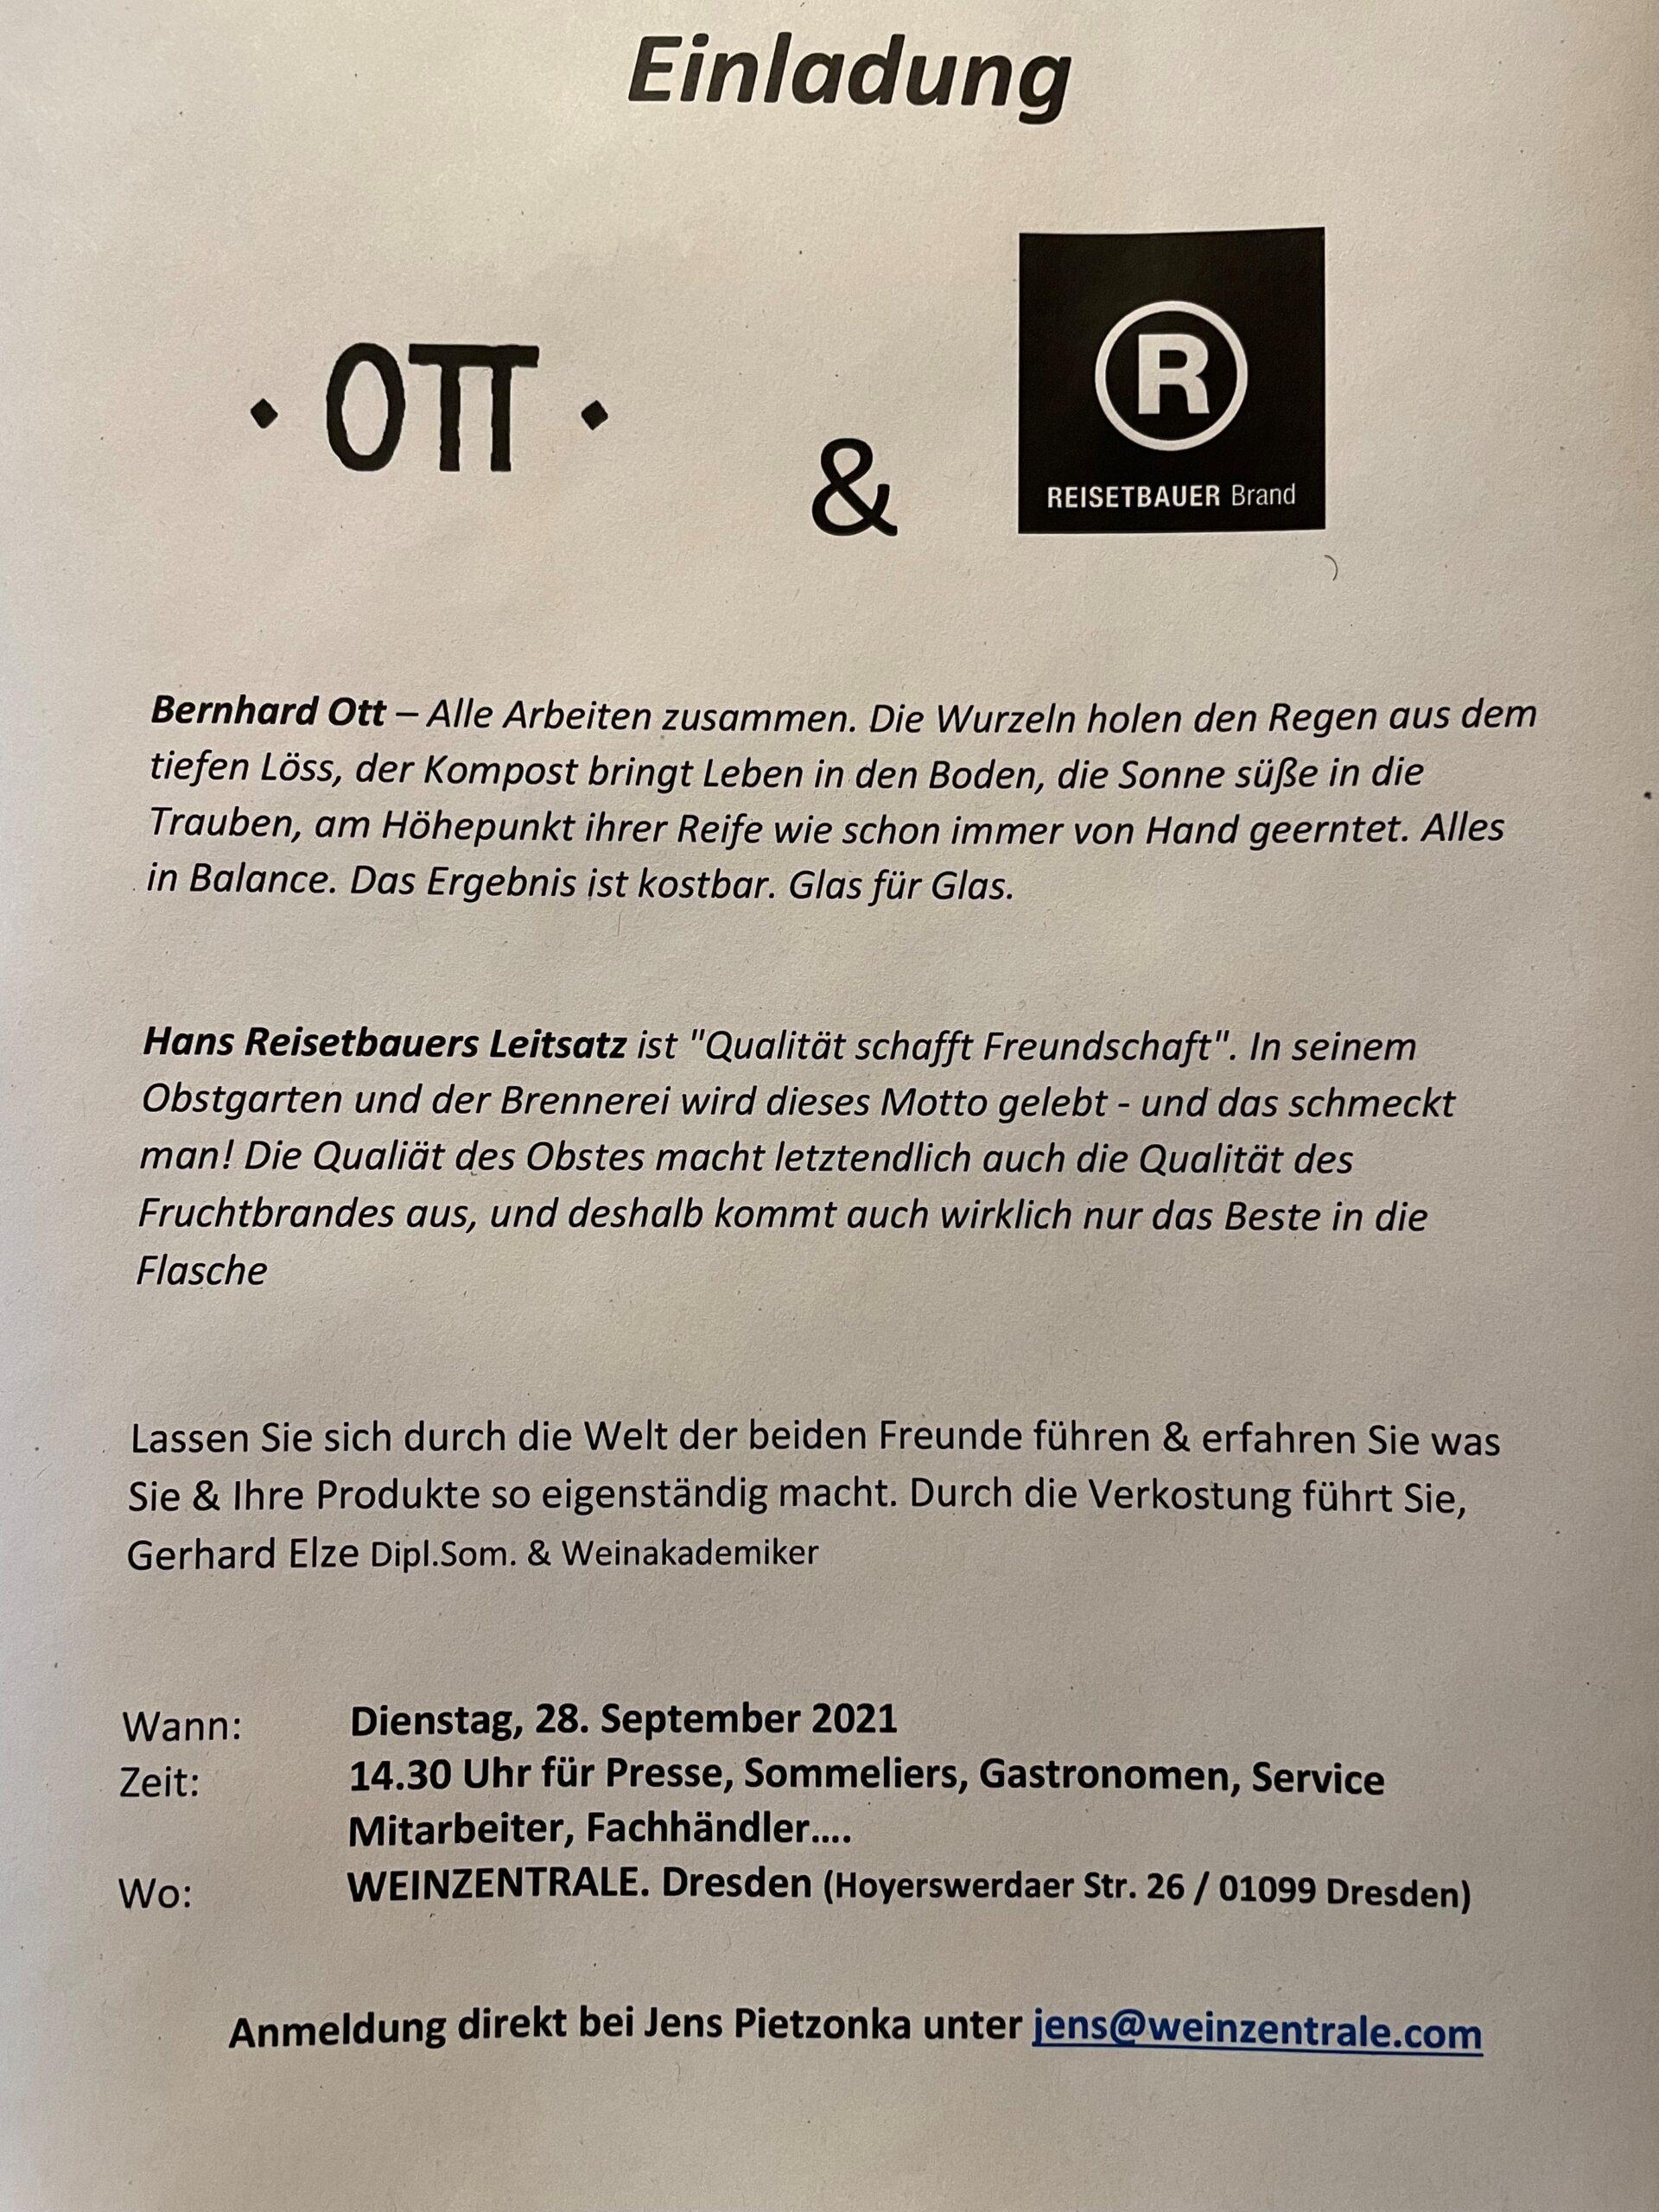 Benrhard Ott & Hans Reisetbauer